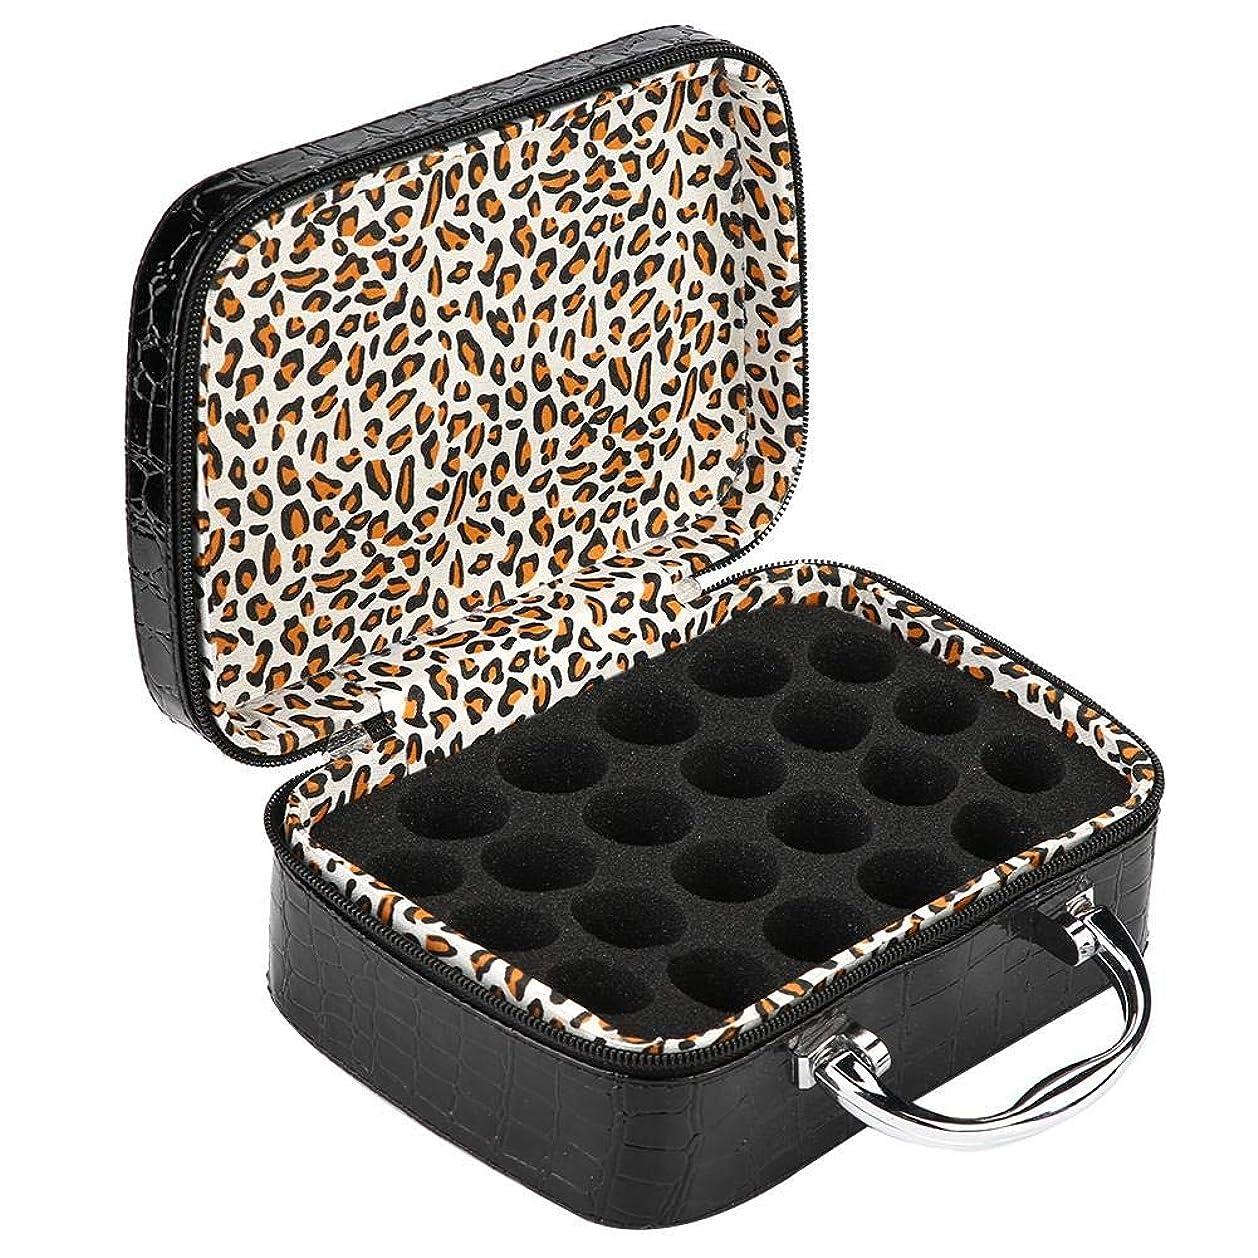 ライバル調和重量Salinr アロマポーチ エッセンシャルオイル ケース 携帯用 エッセンシャルオイル収納ボックス アロマケース ボックス 香水収納ケース 15ml アロマオイル収納ボックス 22本用